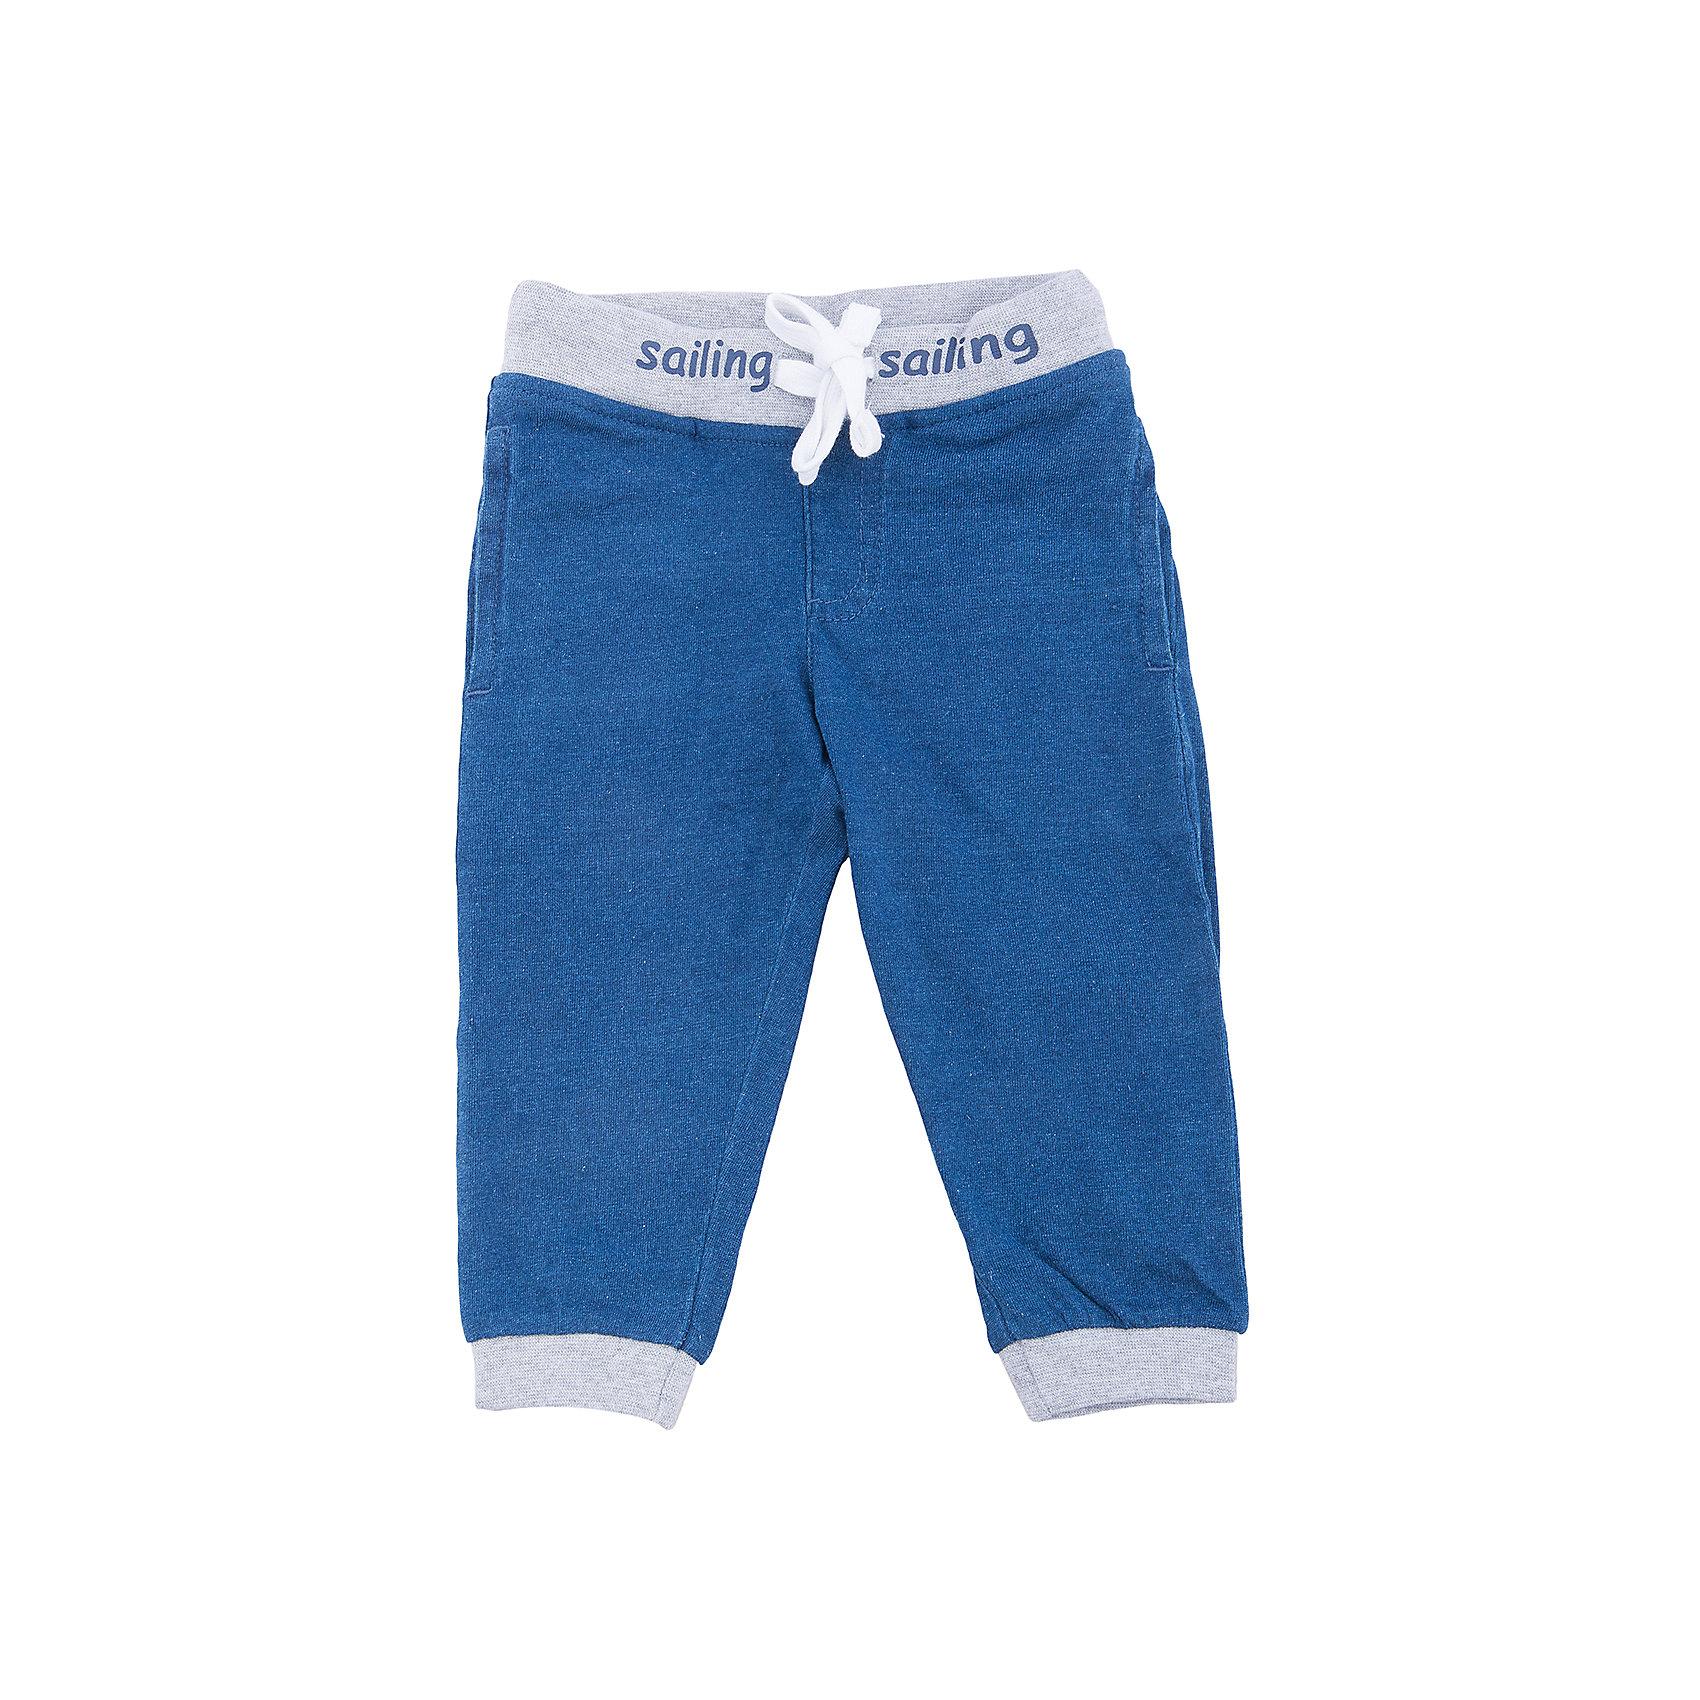 Брюки для мальчика PlayTodayДжинсы и брючки<br>Брюки из натуральной хлопковой ткани подойдут и для домашнего использования, и для прогулок. Модель на поясе на широкой резинке, дополнена регулируемым шнуром - кулиской контрастного цвета. Низ штанин на мягких резинках.Преимущества: Свободный крой не сковывает движений ребенкаНатуральный материал приятен к телу и не вызывает раздражений.<br>Состав:<br>95% хлопок, 5% эластан<br><br>Ширина мм: 215<br>Глубина мм: 88<br>Высота мм: 191<br>Вес г: 336<br>Цвет: разноцветный<br>Возраст от месяцев: 18<br>Возраст до месяцев: 24<br>Пол: Мужской<br>Возраст: Детский<br>Размер: 92,86,80,74<br>SKU: 5604577